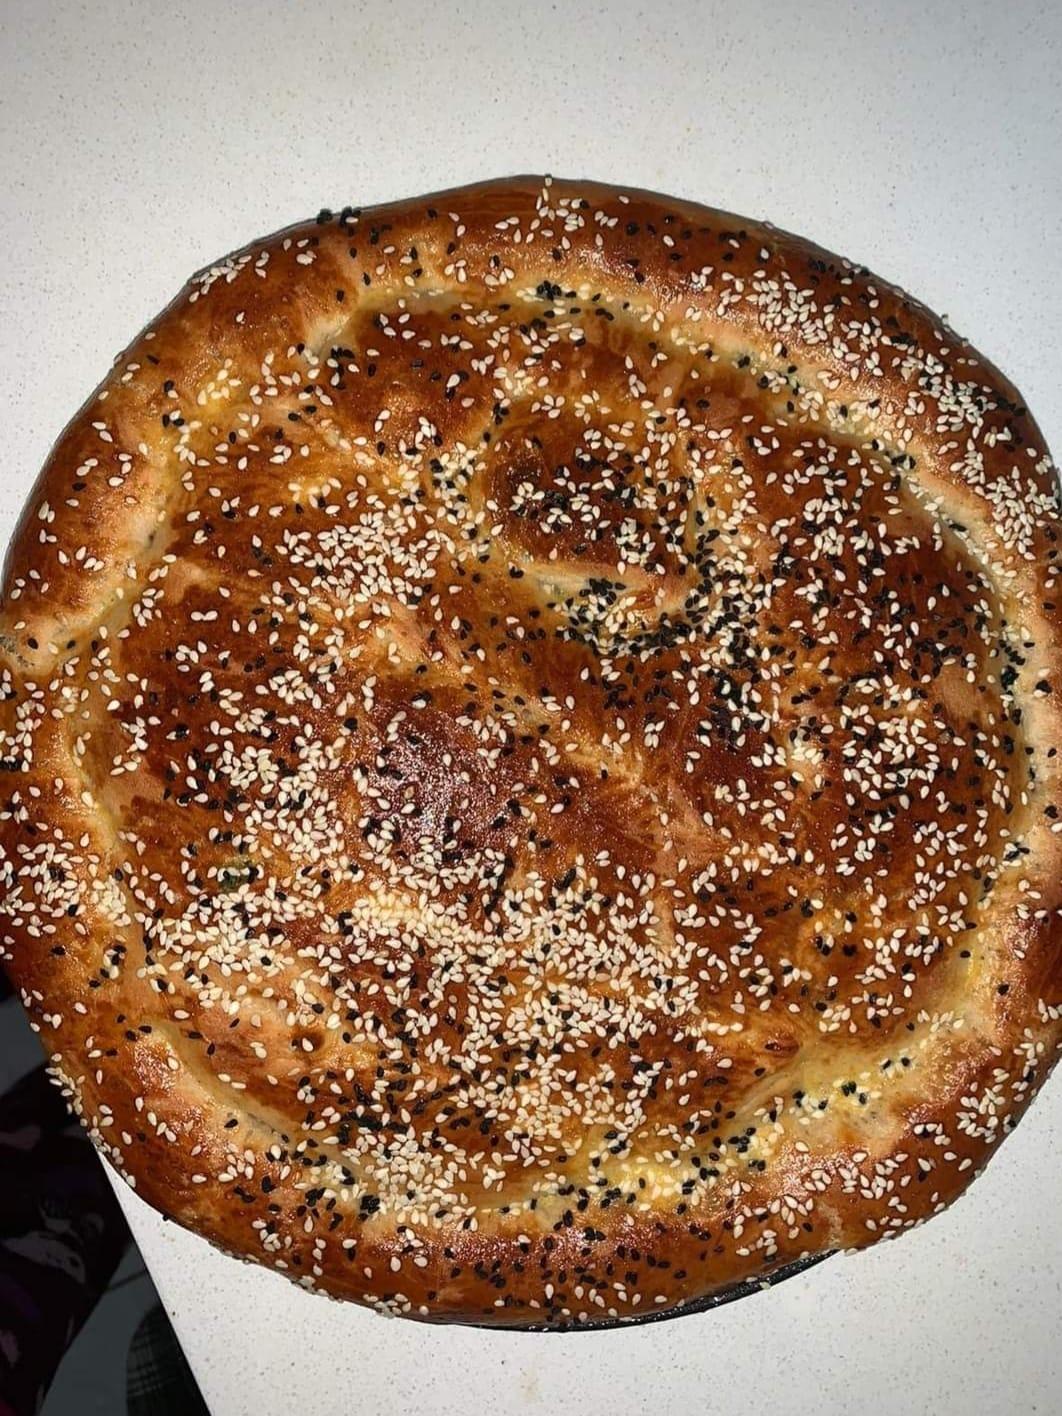 לחם טורקי או בשמו לחם רמאדן_מתכון של צופית בן יוסף – מאסטר מתכונים